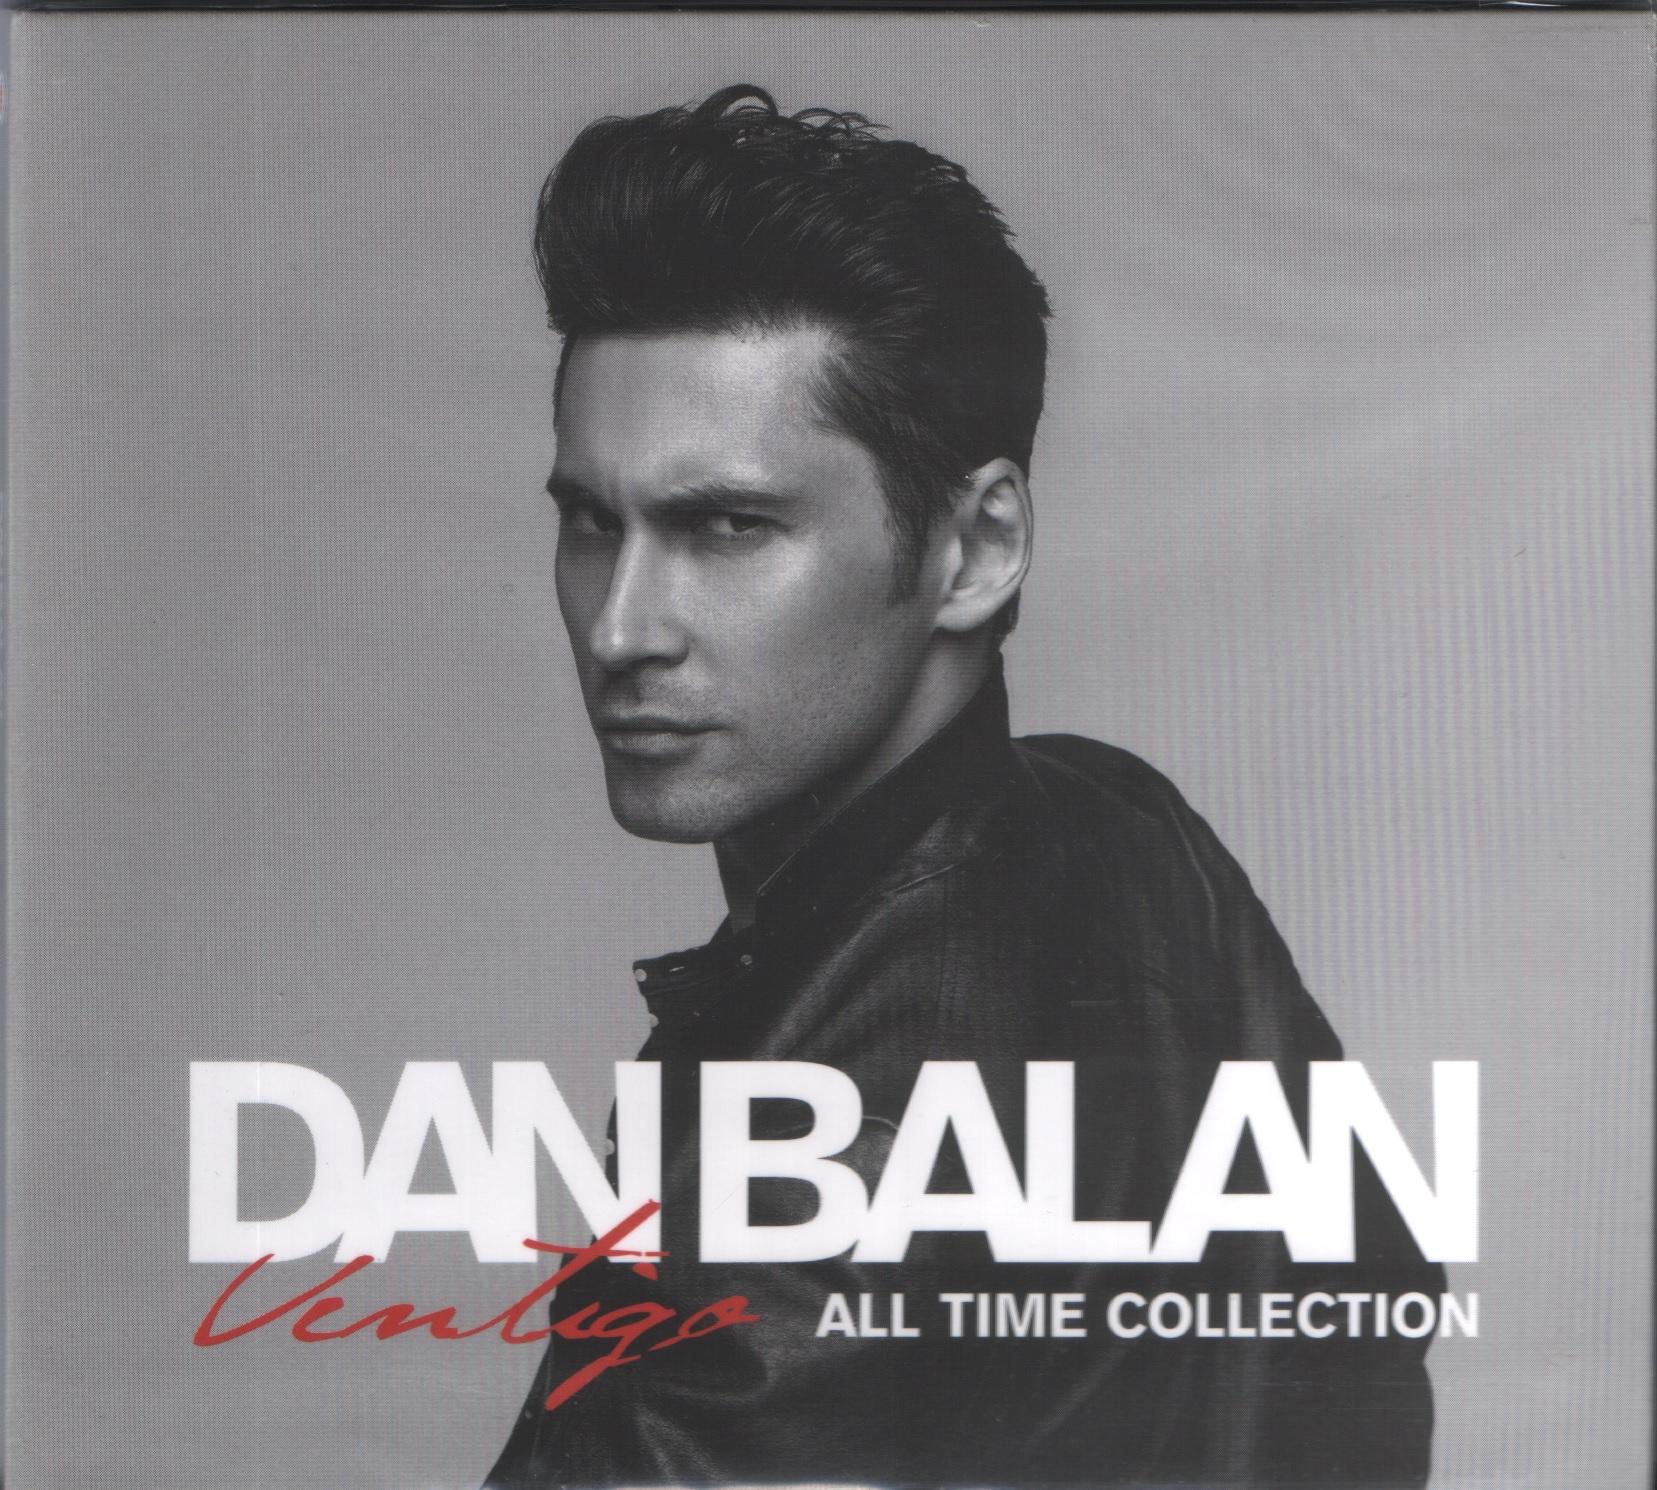 Dan Balan - Ventigo. All time collection. (2018)